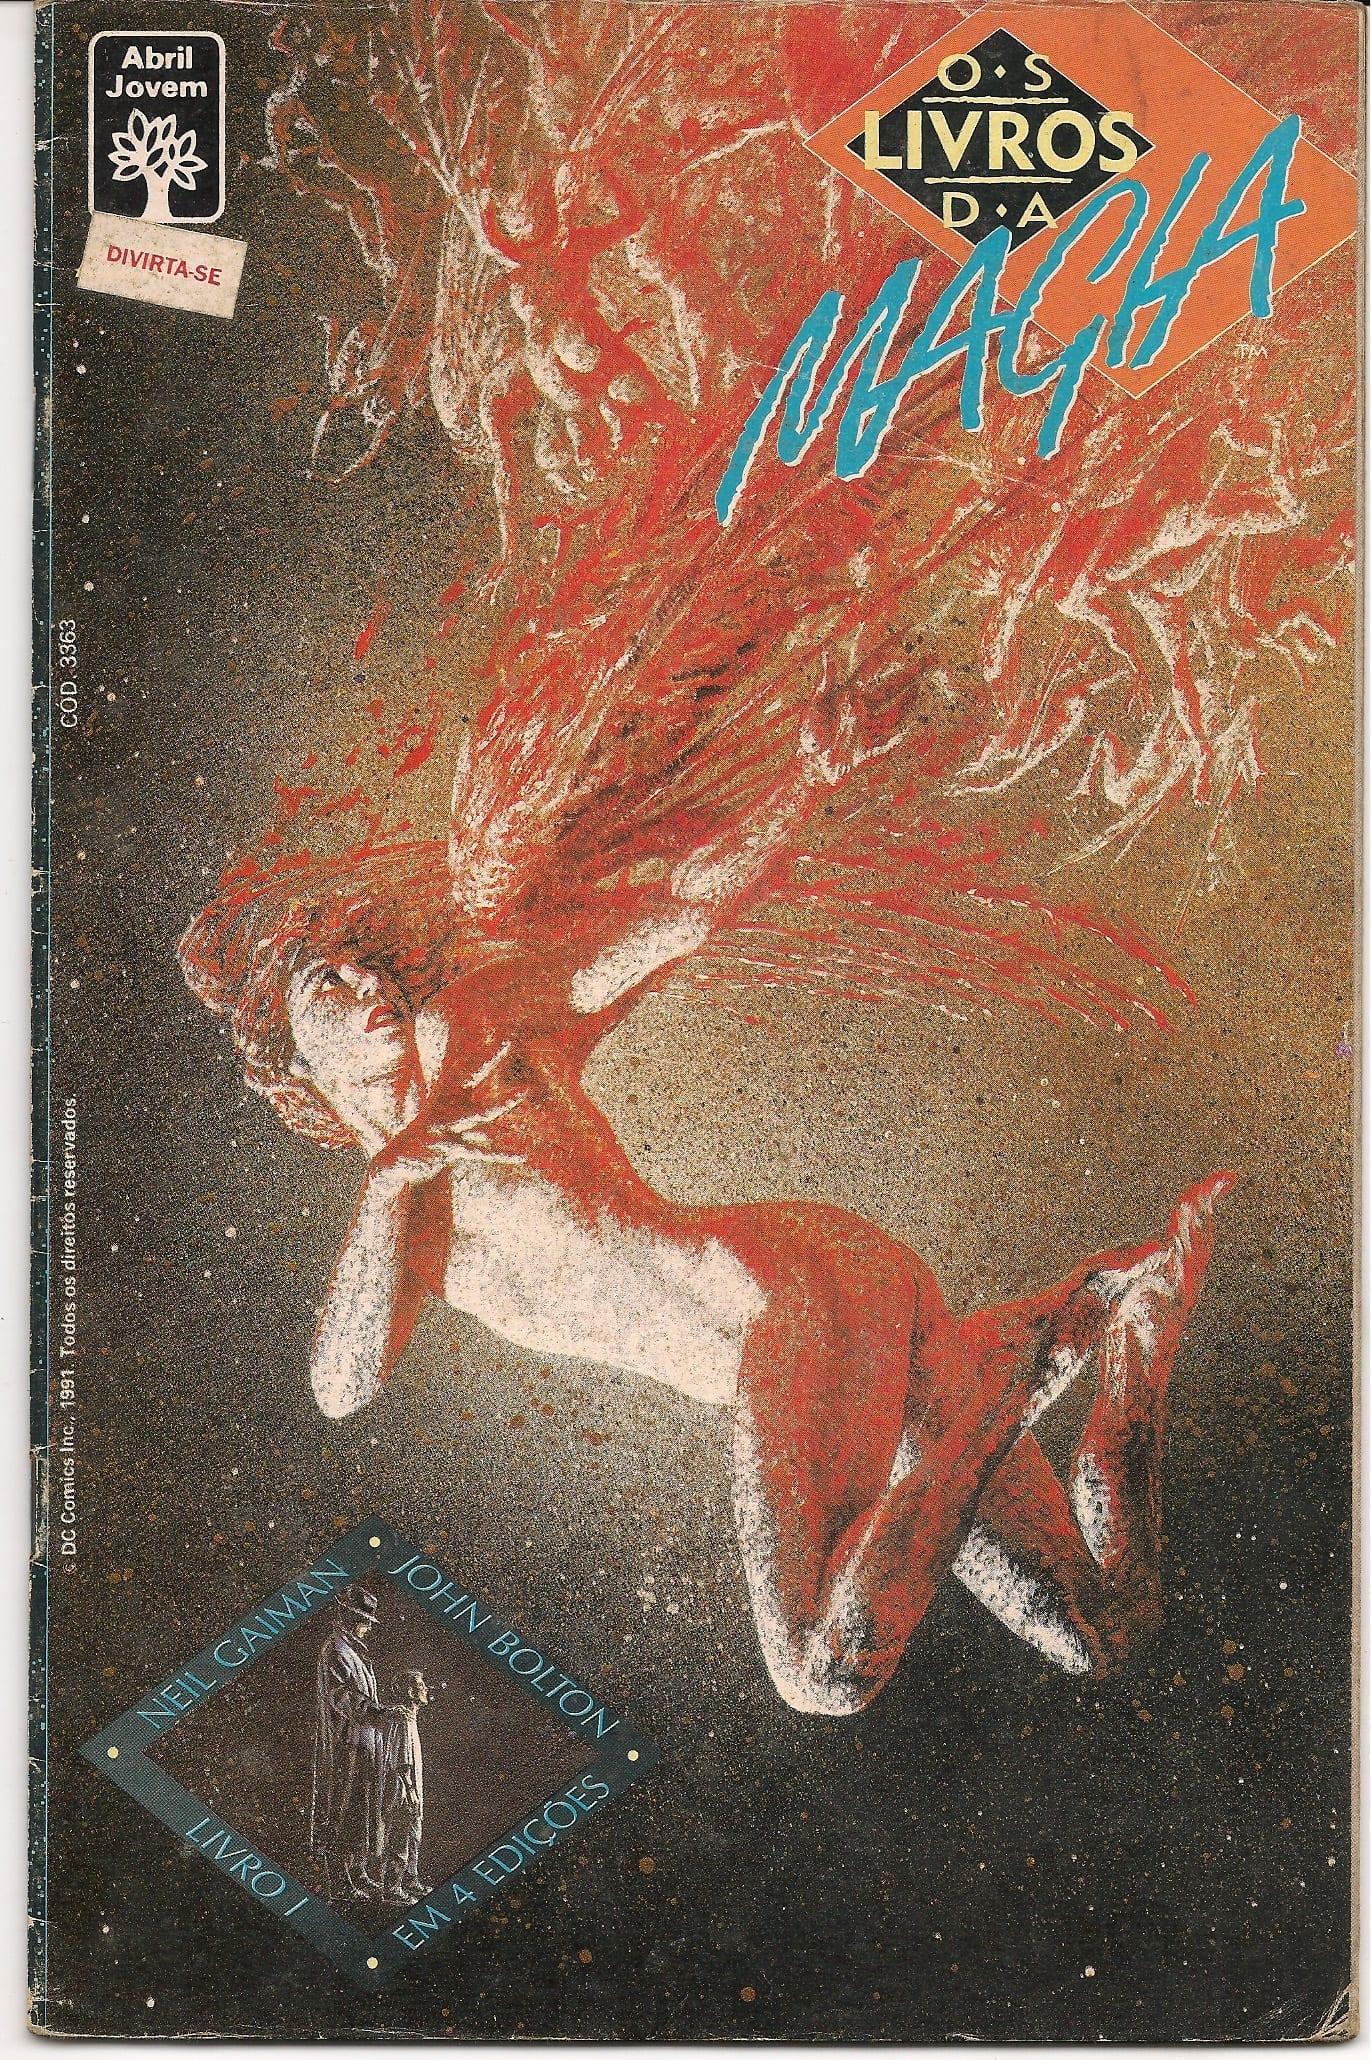 Capa: Os Livros da Magia (Abril) 1